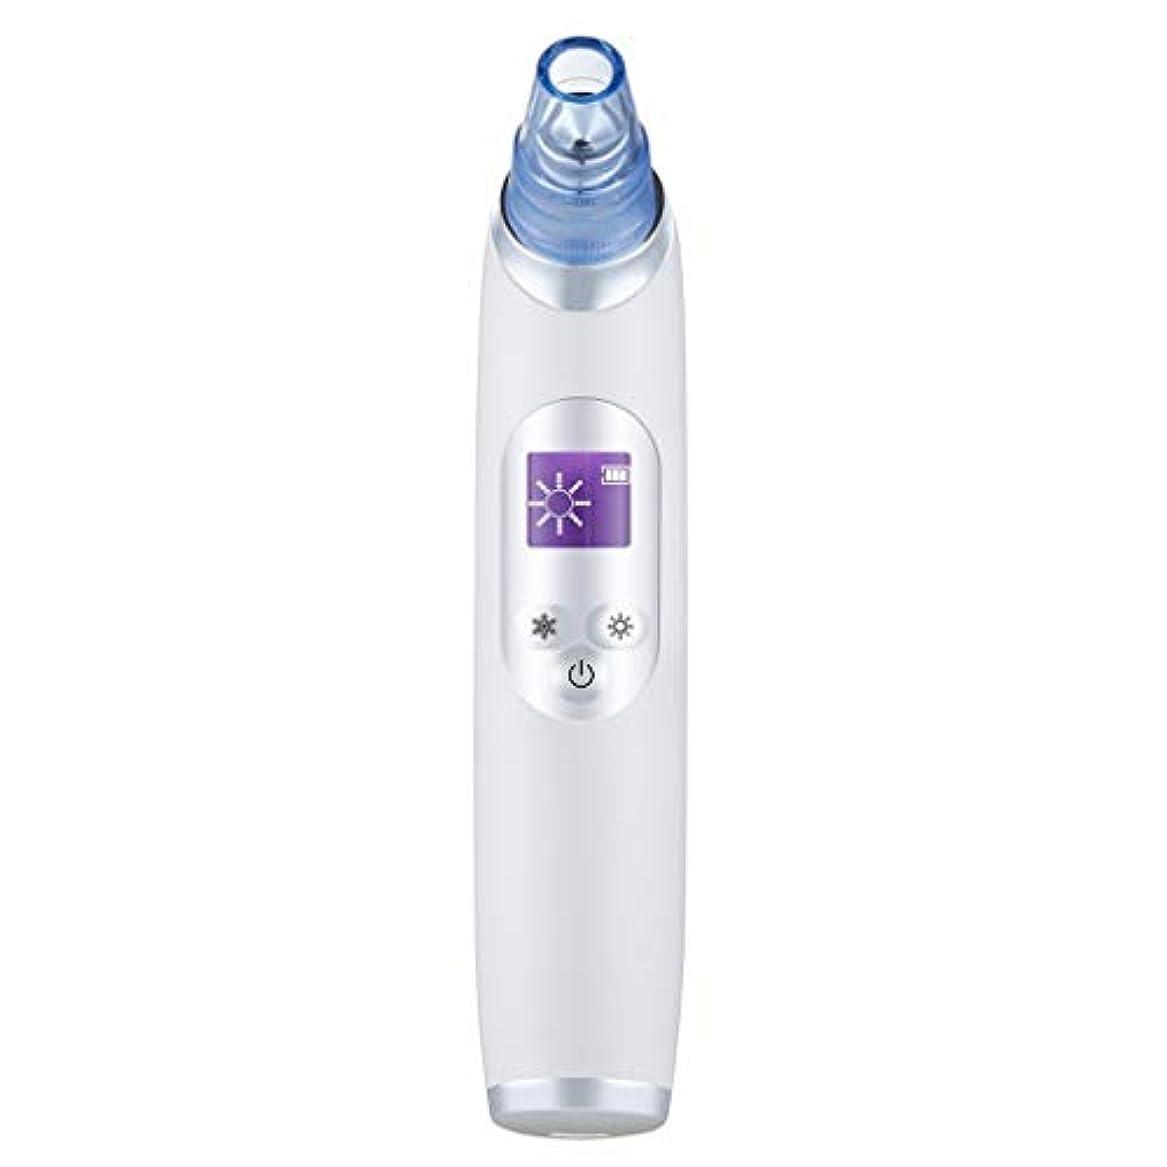 ラショナル細い純粋な真空気孔クリーナー、ポータブル電気冷却と加熱技術引き締めと輝く角質にきびにきびギフト用女性 (Color : B)